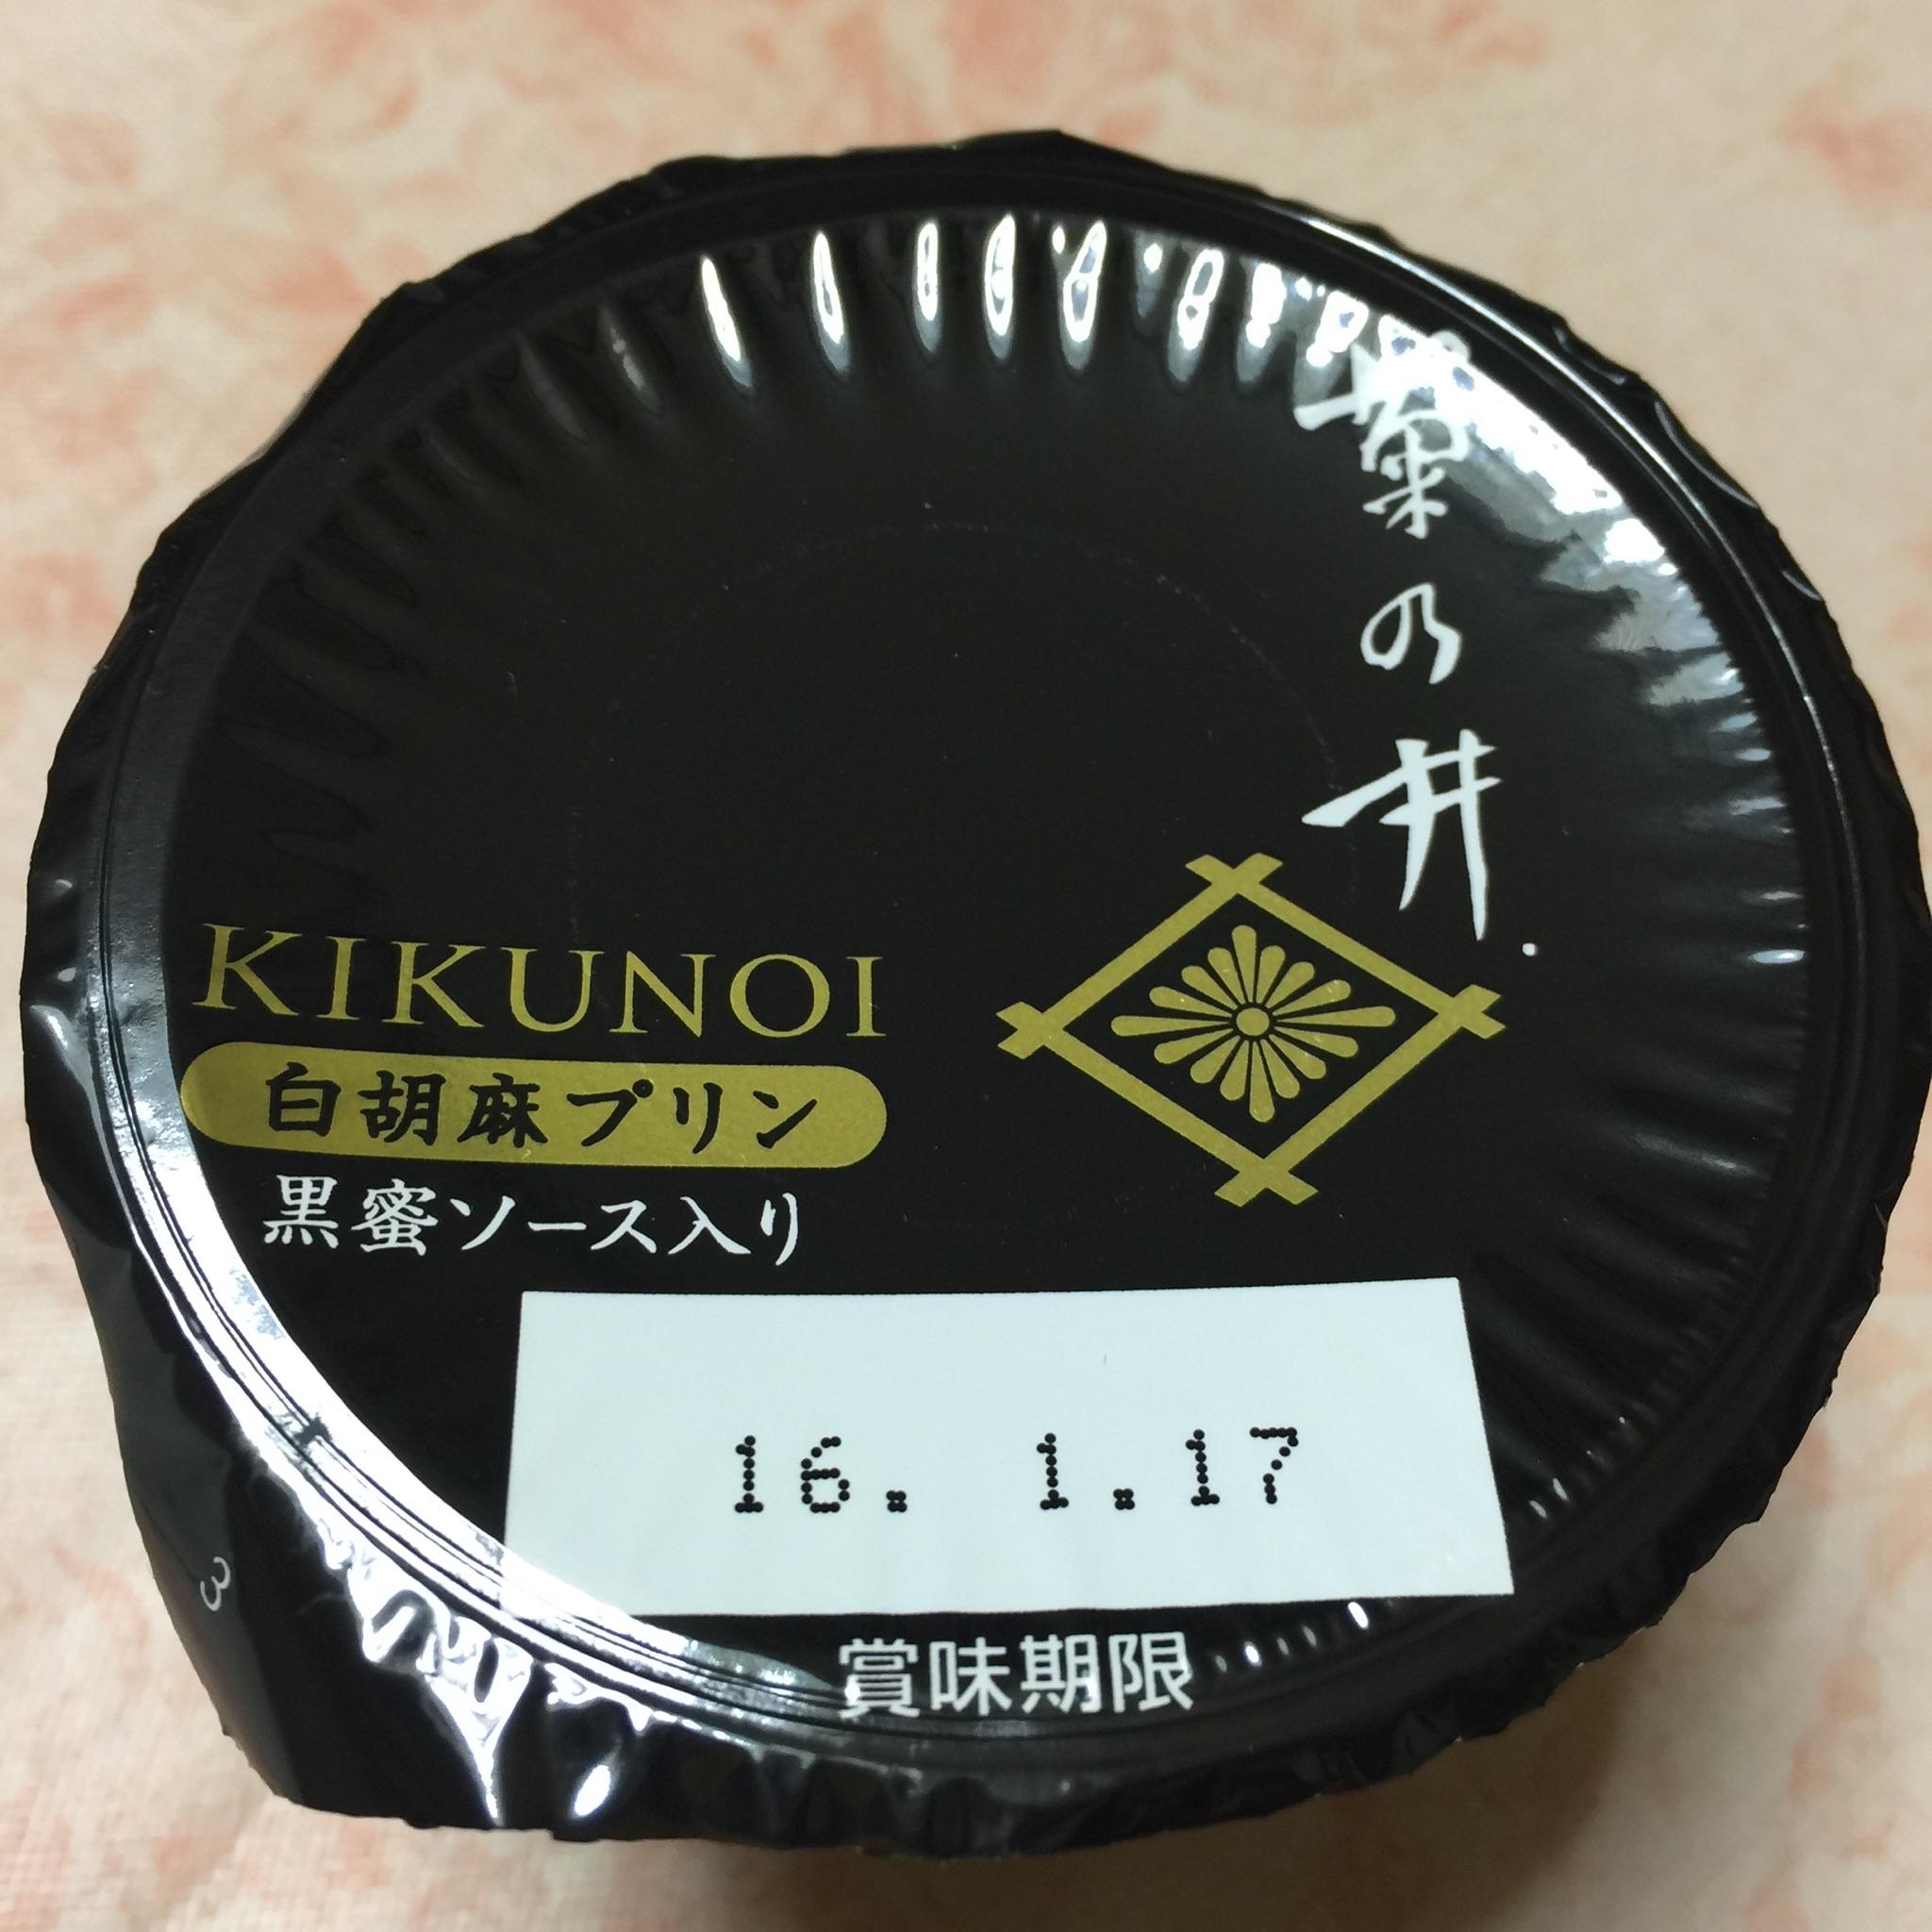 菊乃井 白胡麻プリン黒蜜ソース入り